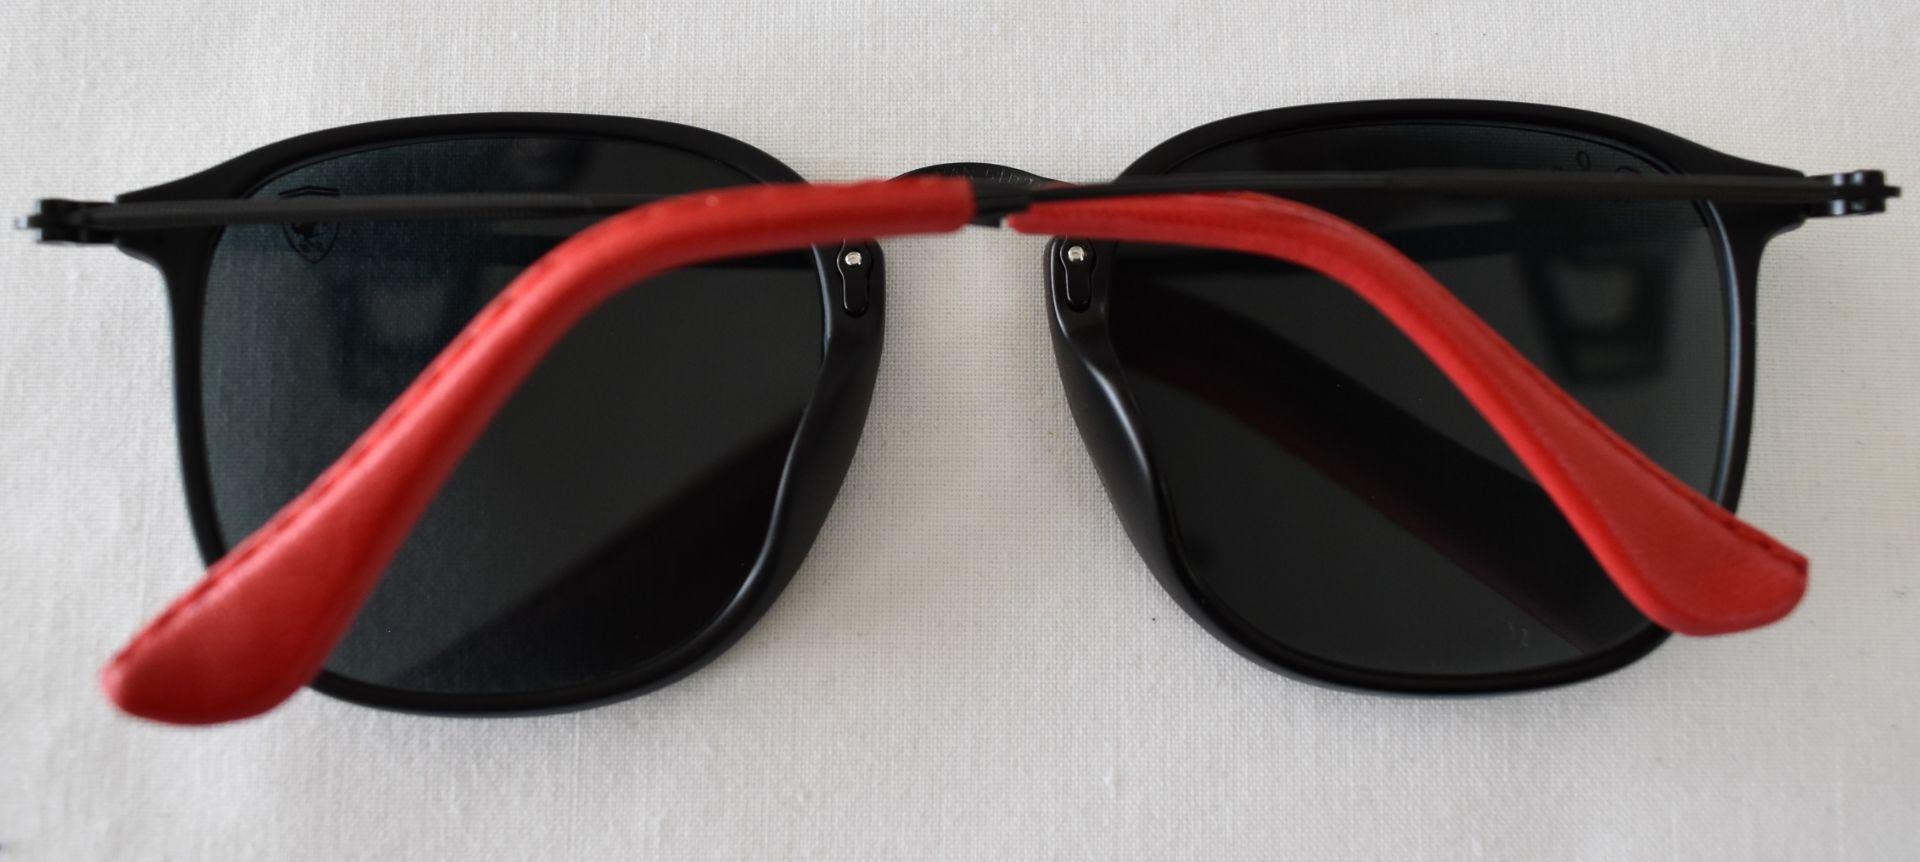 Ray Ban Sunglasses(Ferrari) ORB2448N 602/87 *3N - Image 3 of 4